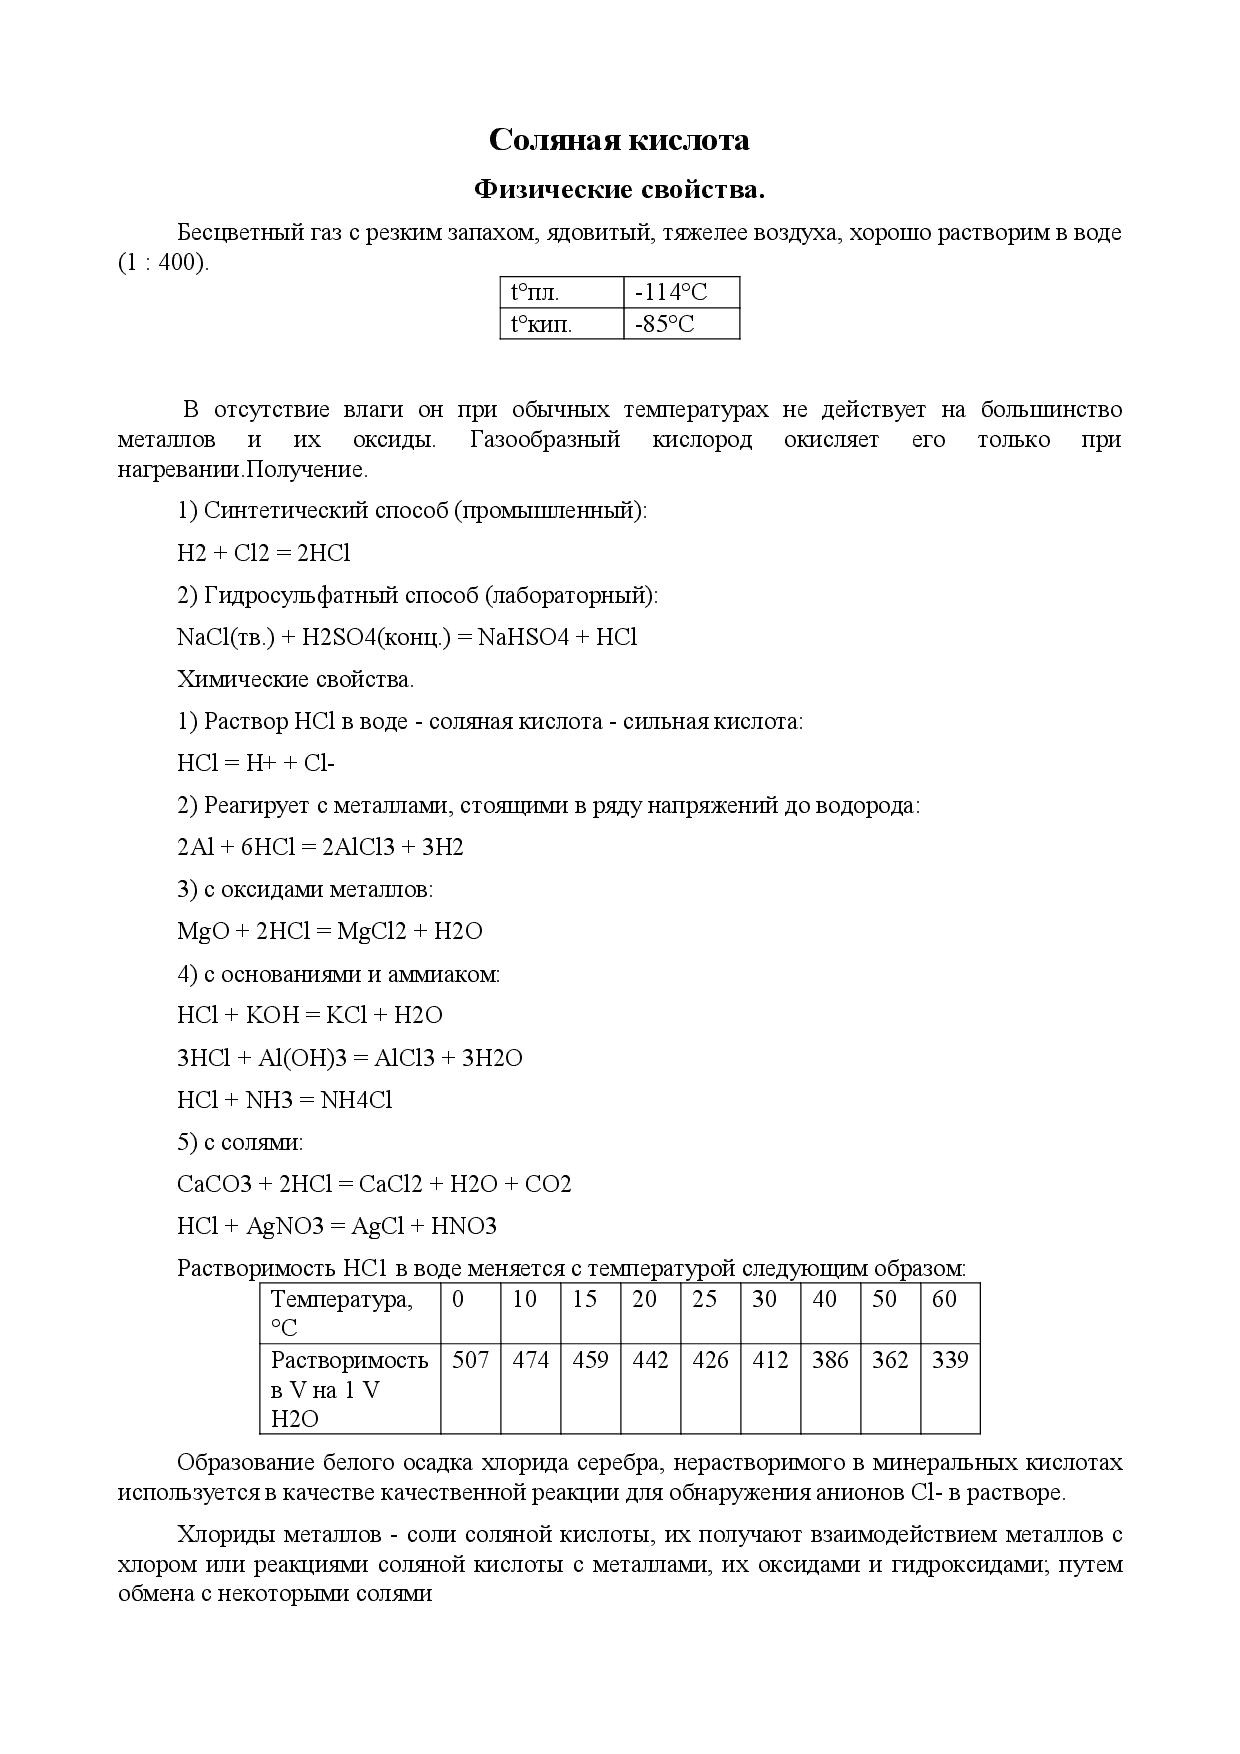 """Химическая формула соляной кислоты. урок по химии """" соляная кислота"""""""